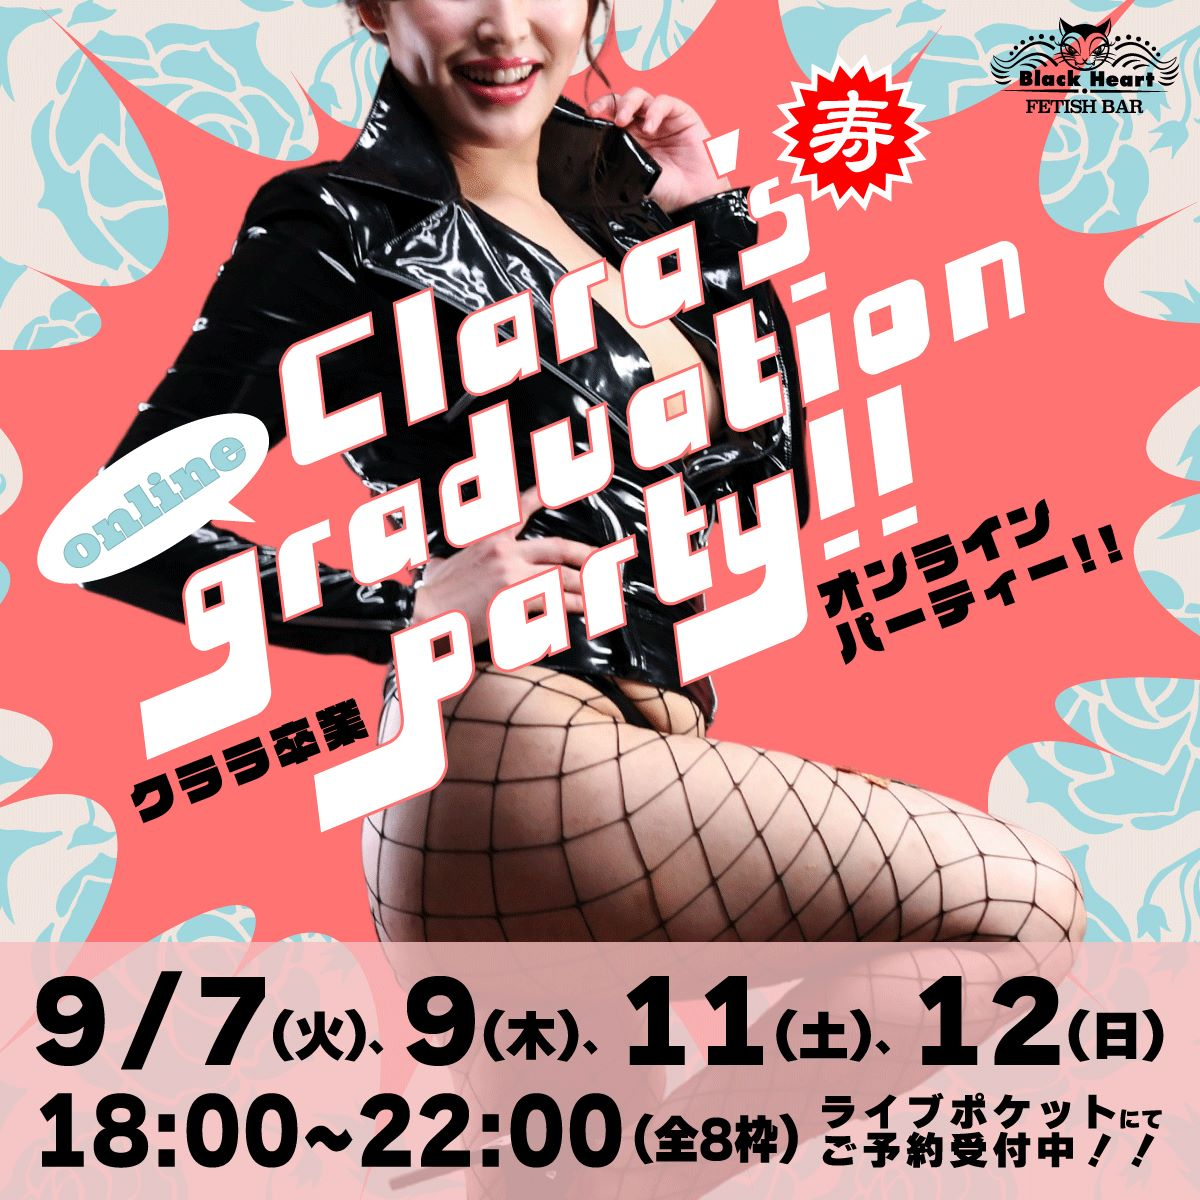 クララのBH卒業&お祝いパーティ [9/14(火)]